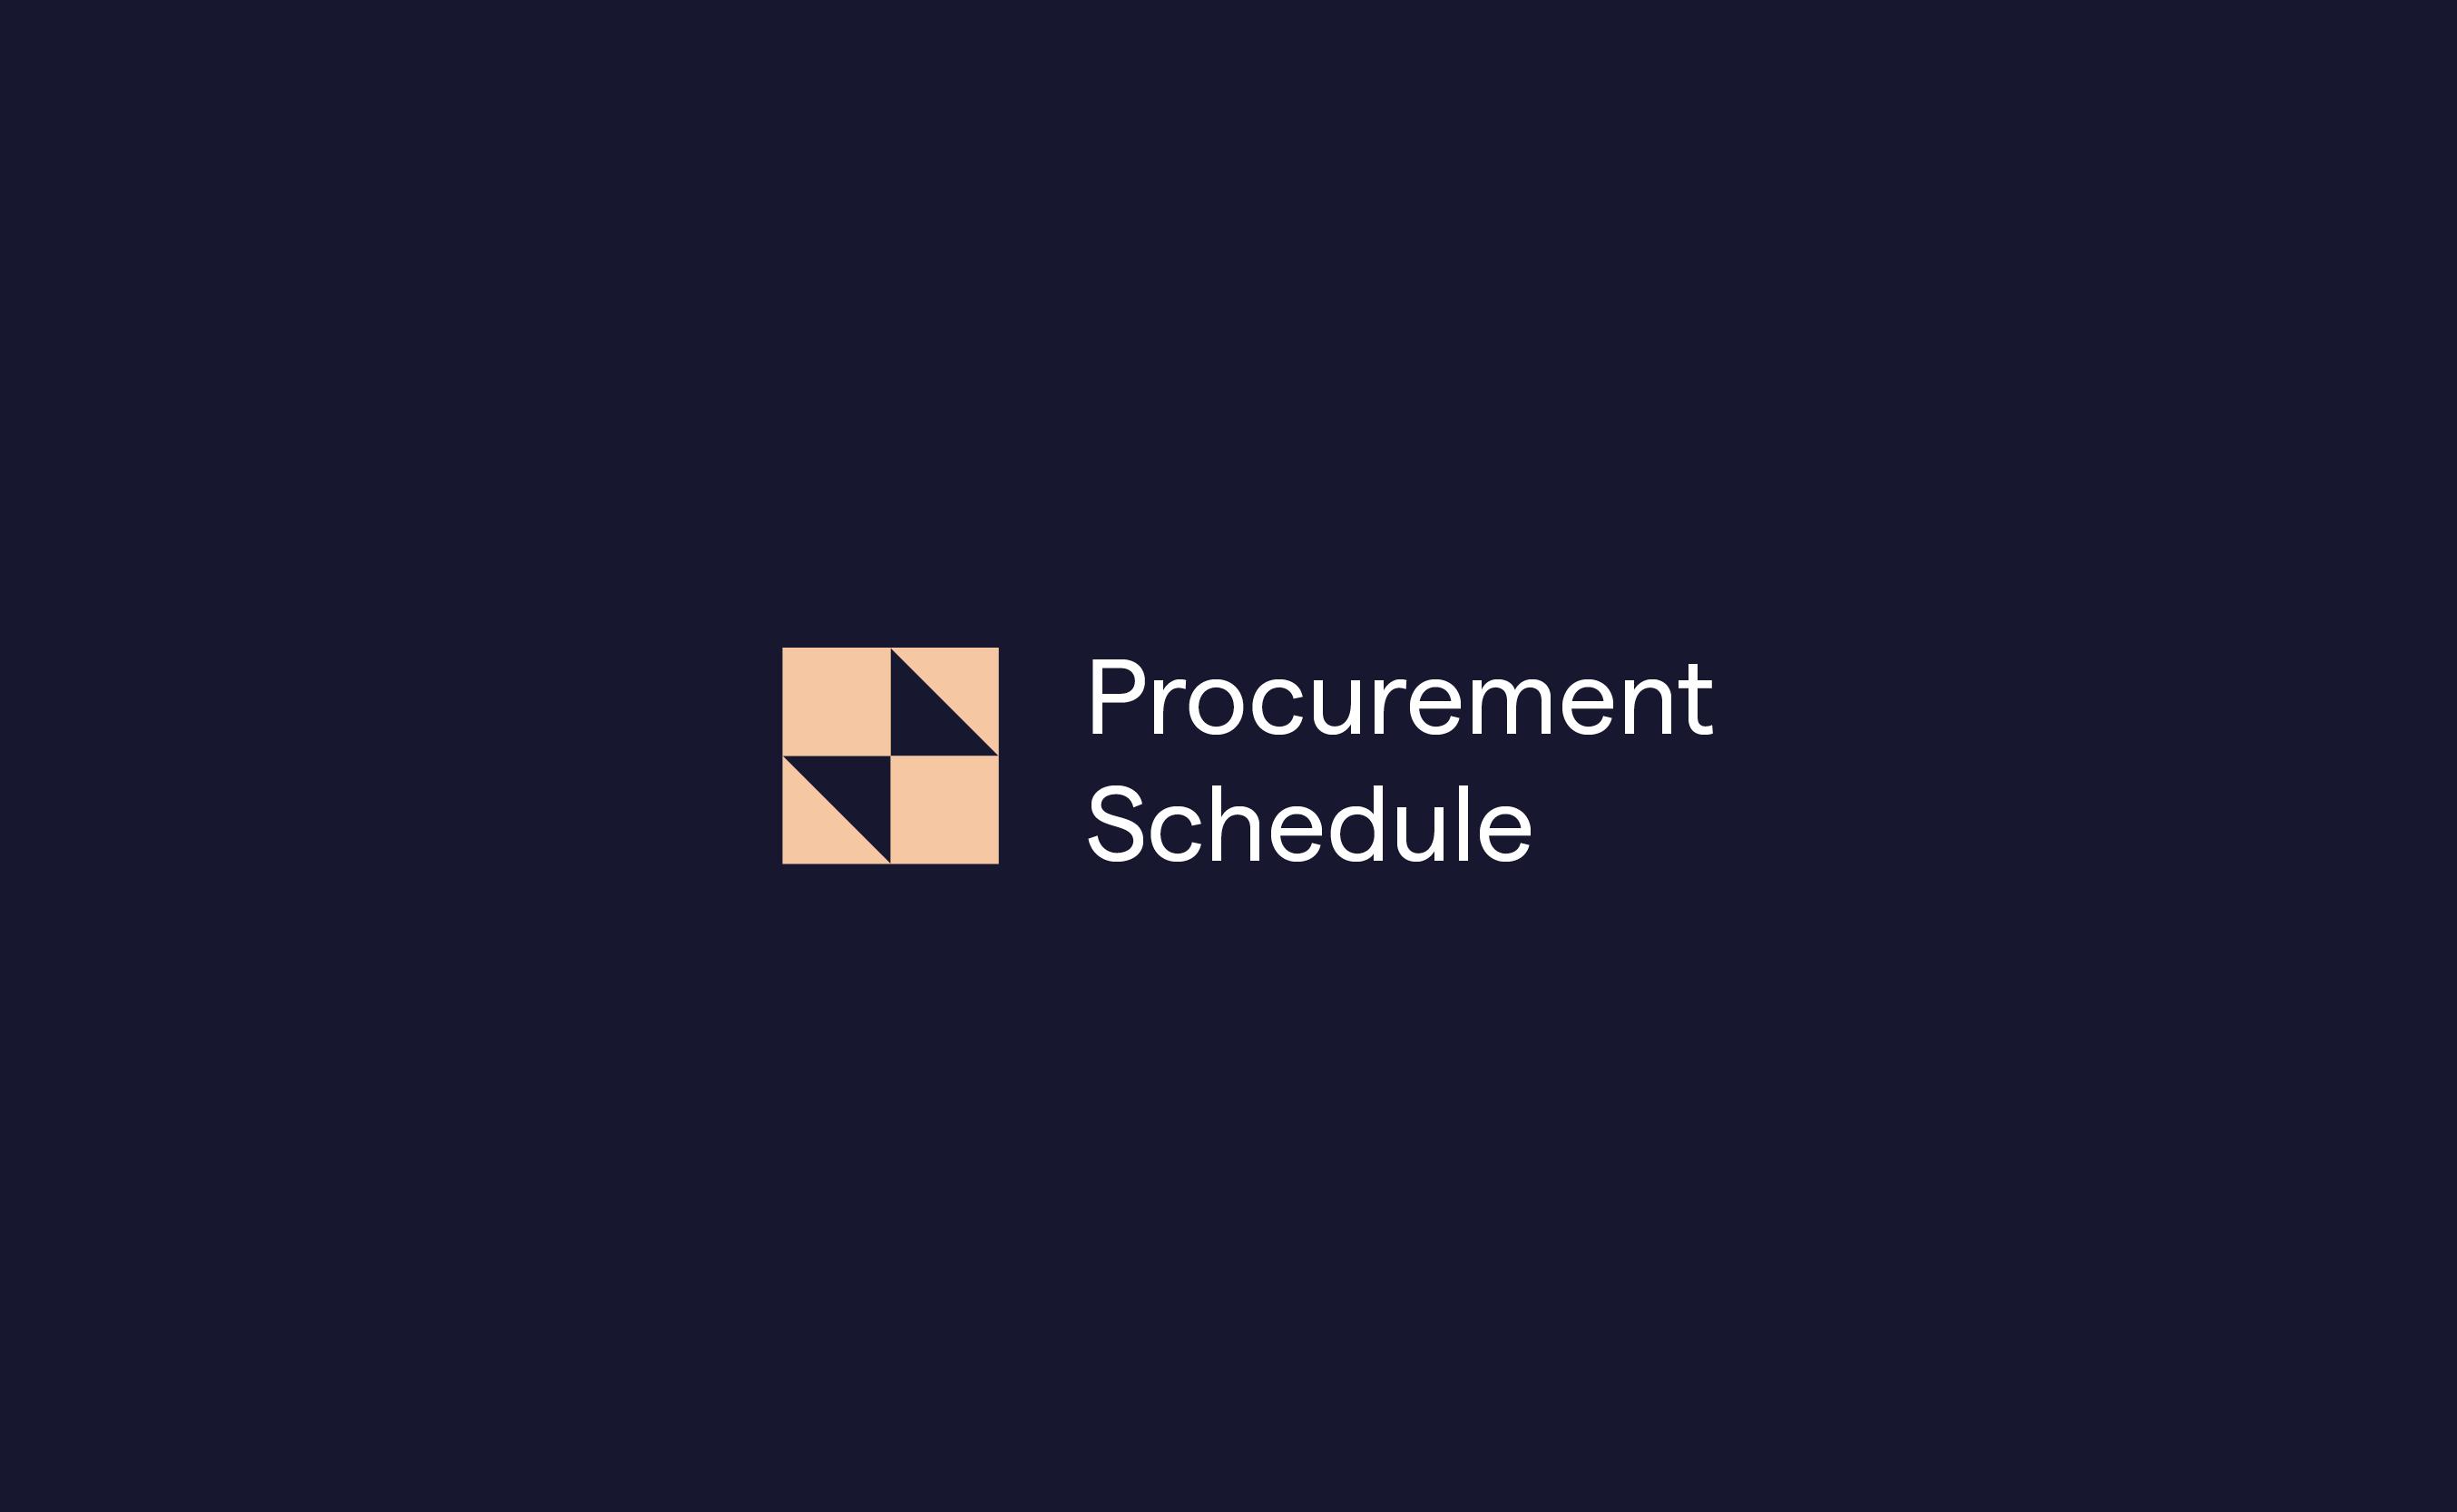 felix procurement schedule